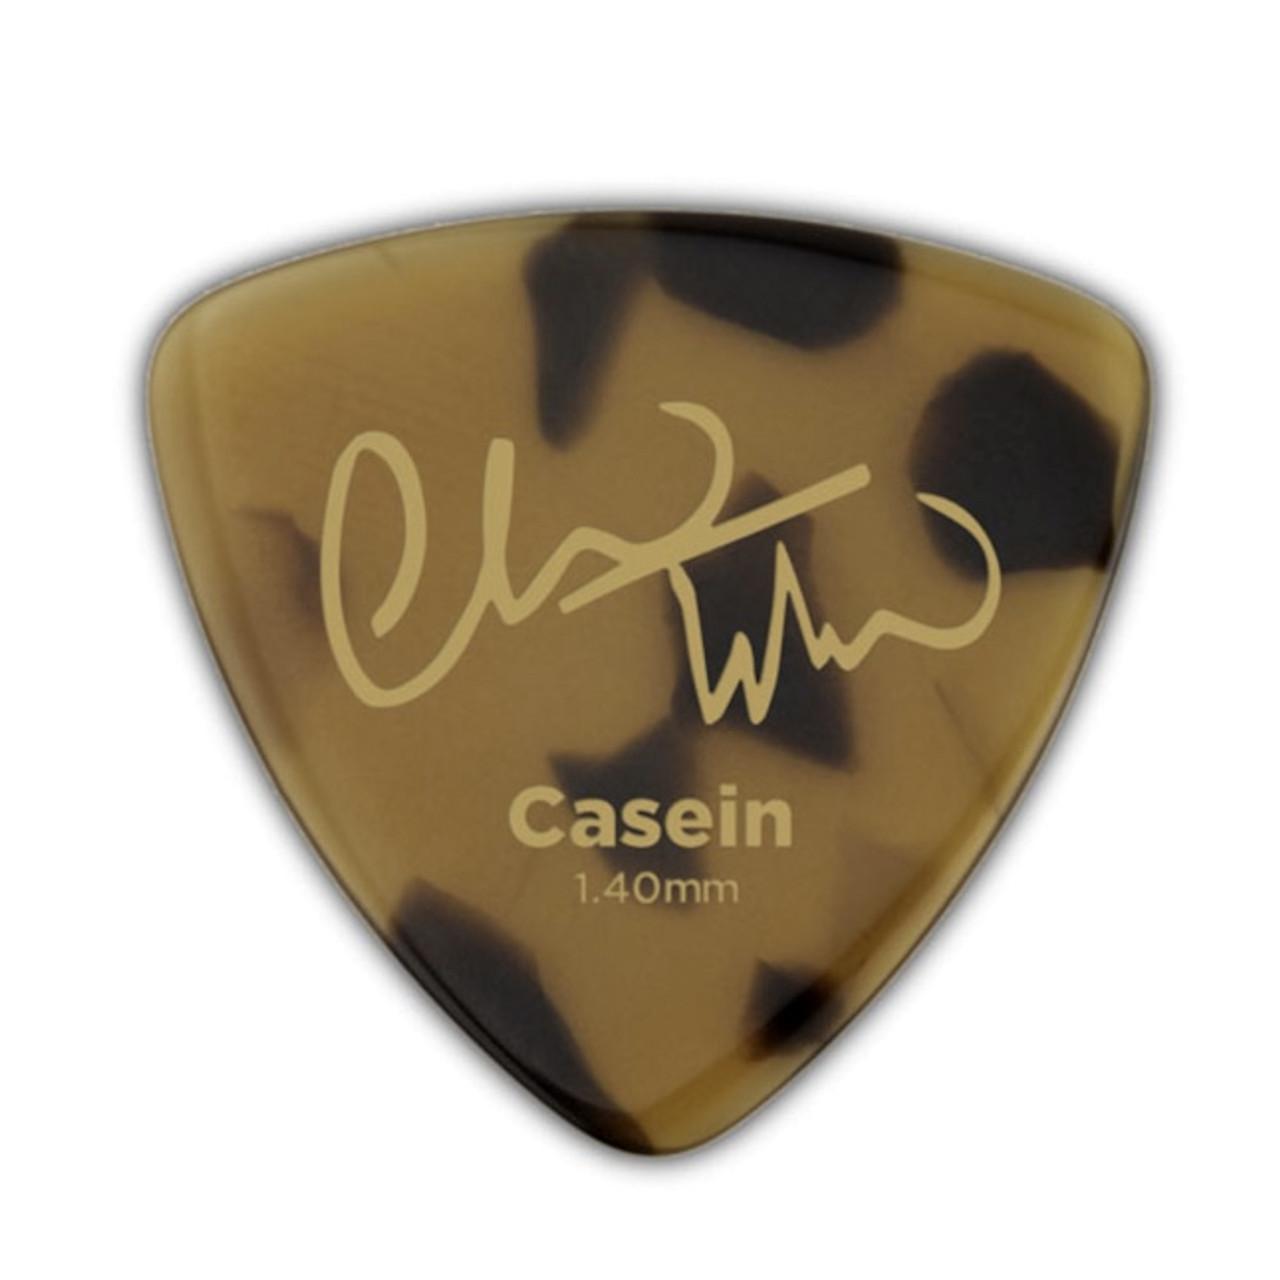 D'addario Casein Chris Thile Signature Pick